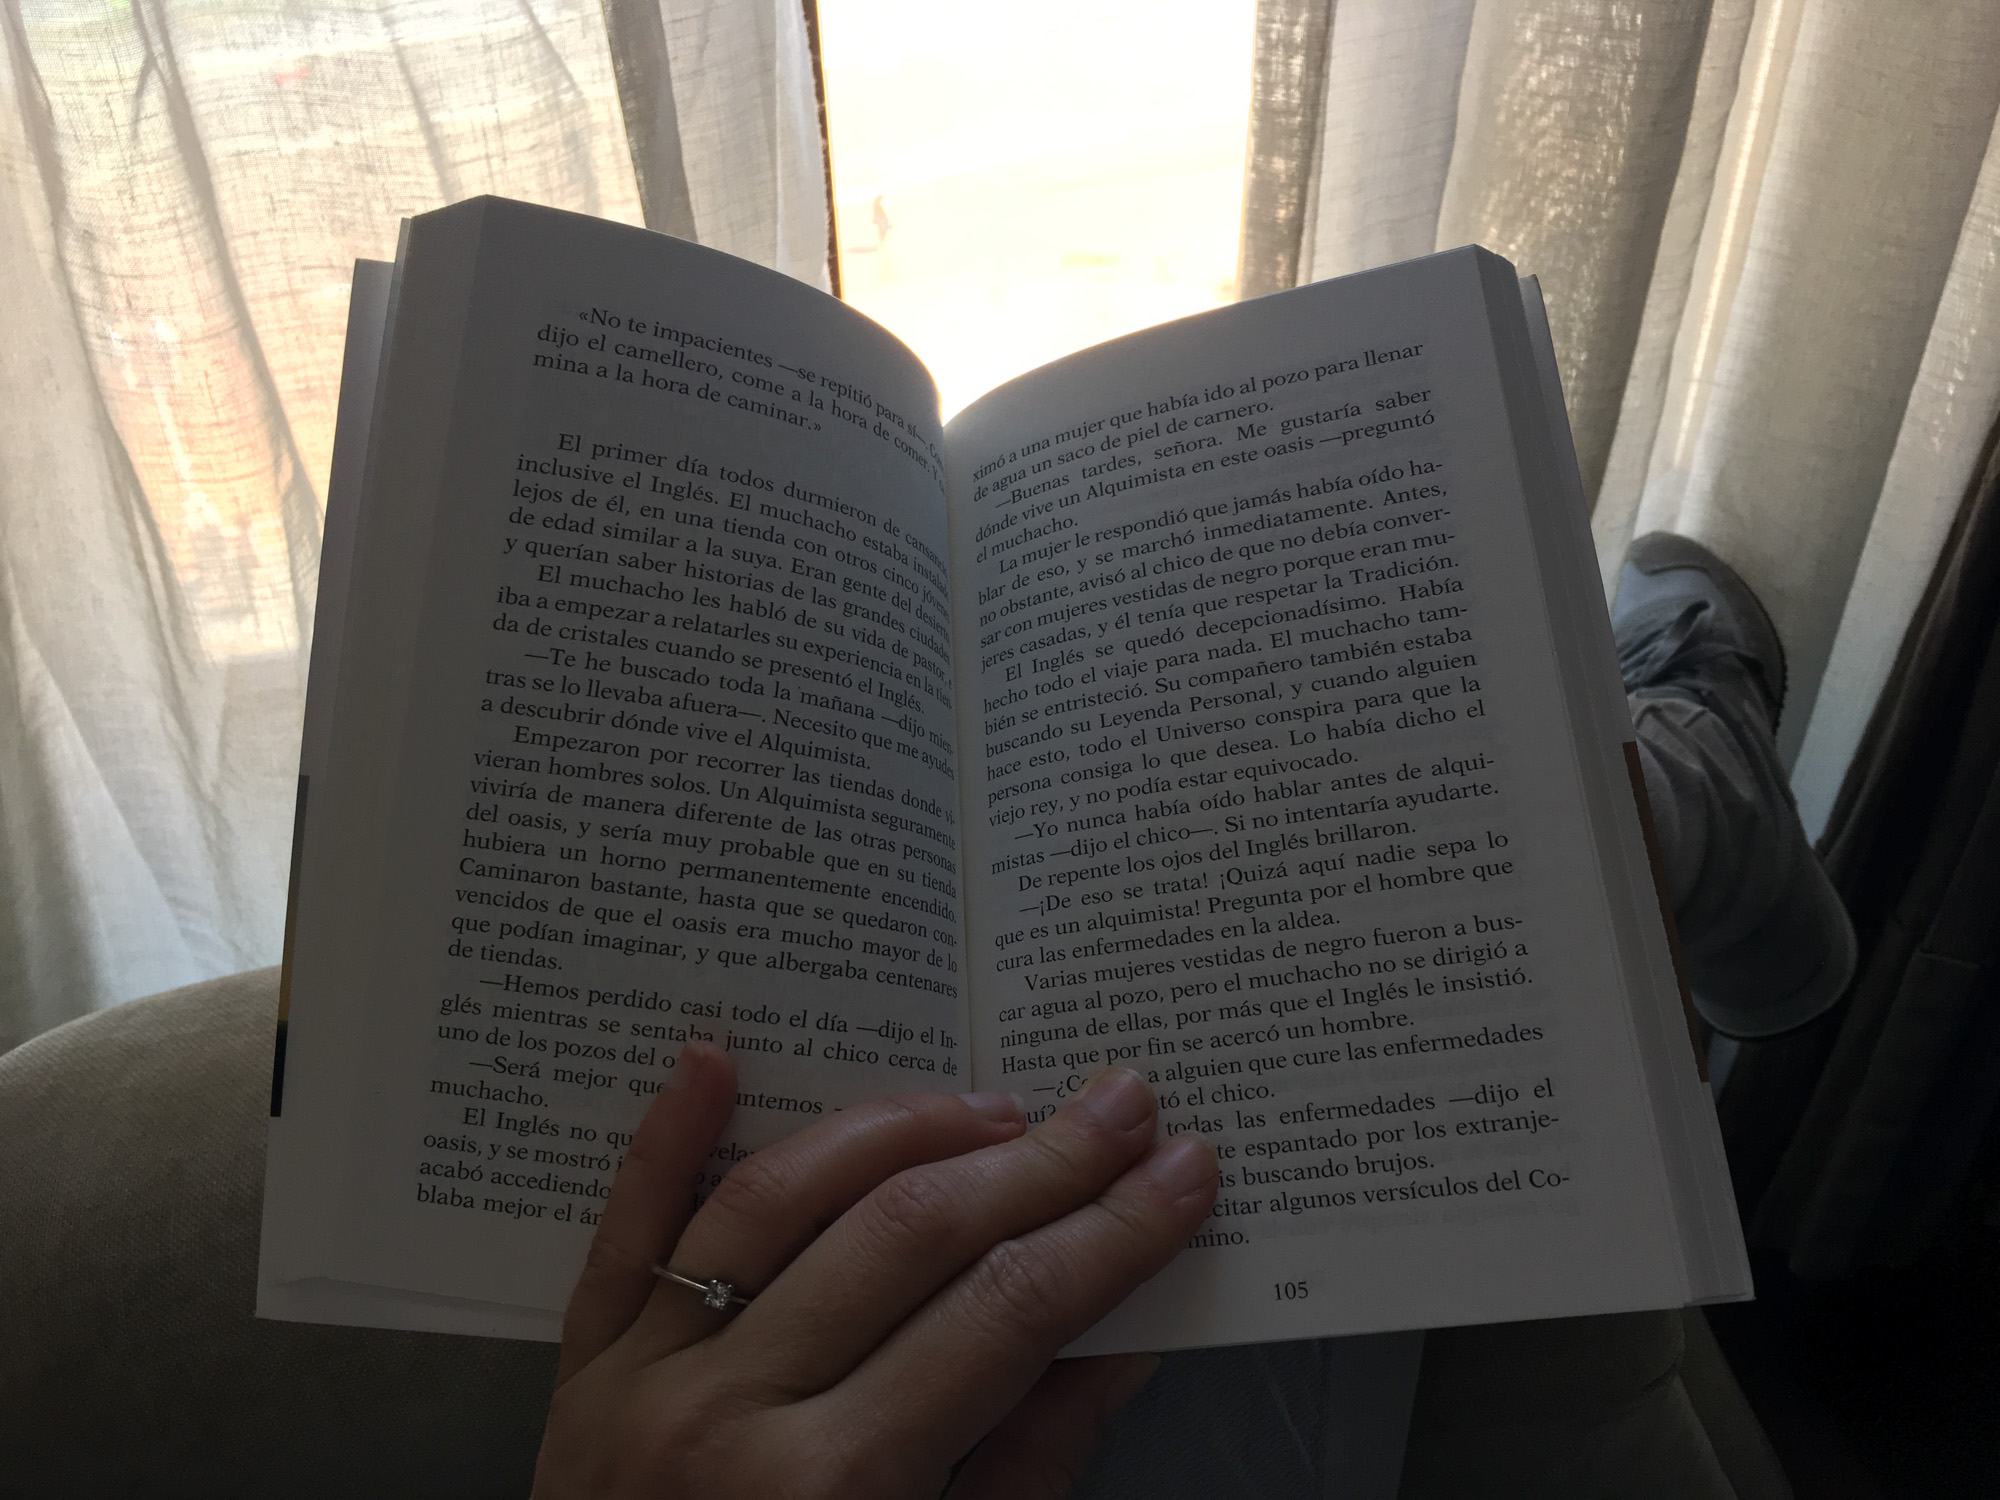 mi-libro-de-la-semana, el-alquimista-paulo-coelho, persistencia o cambio, mar vidal, editorial planeta, libros, literatura, lectura, relatos, cuentos.